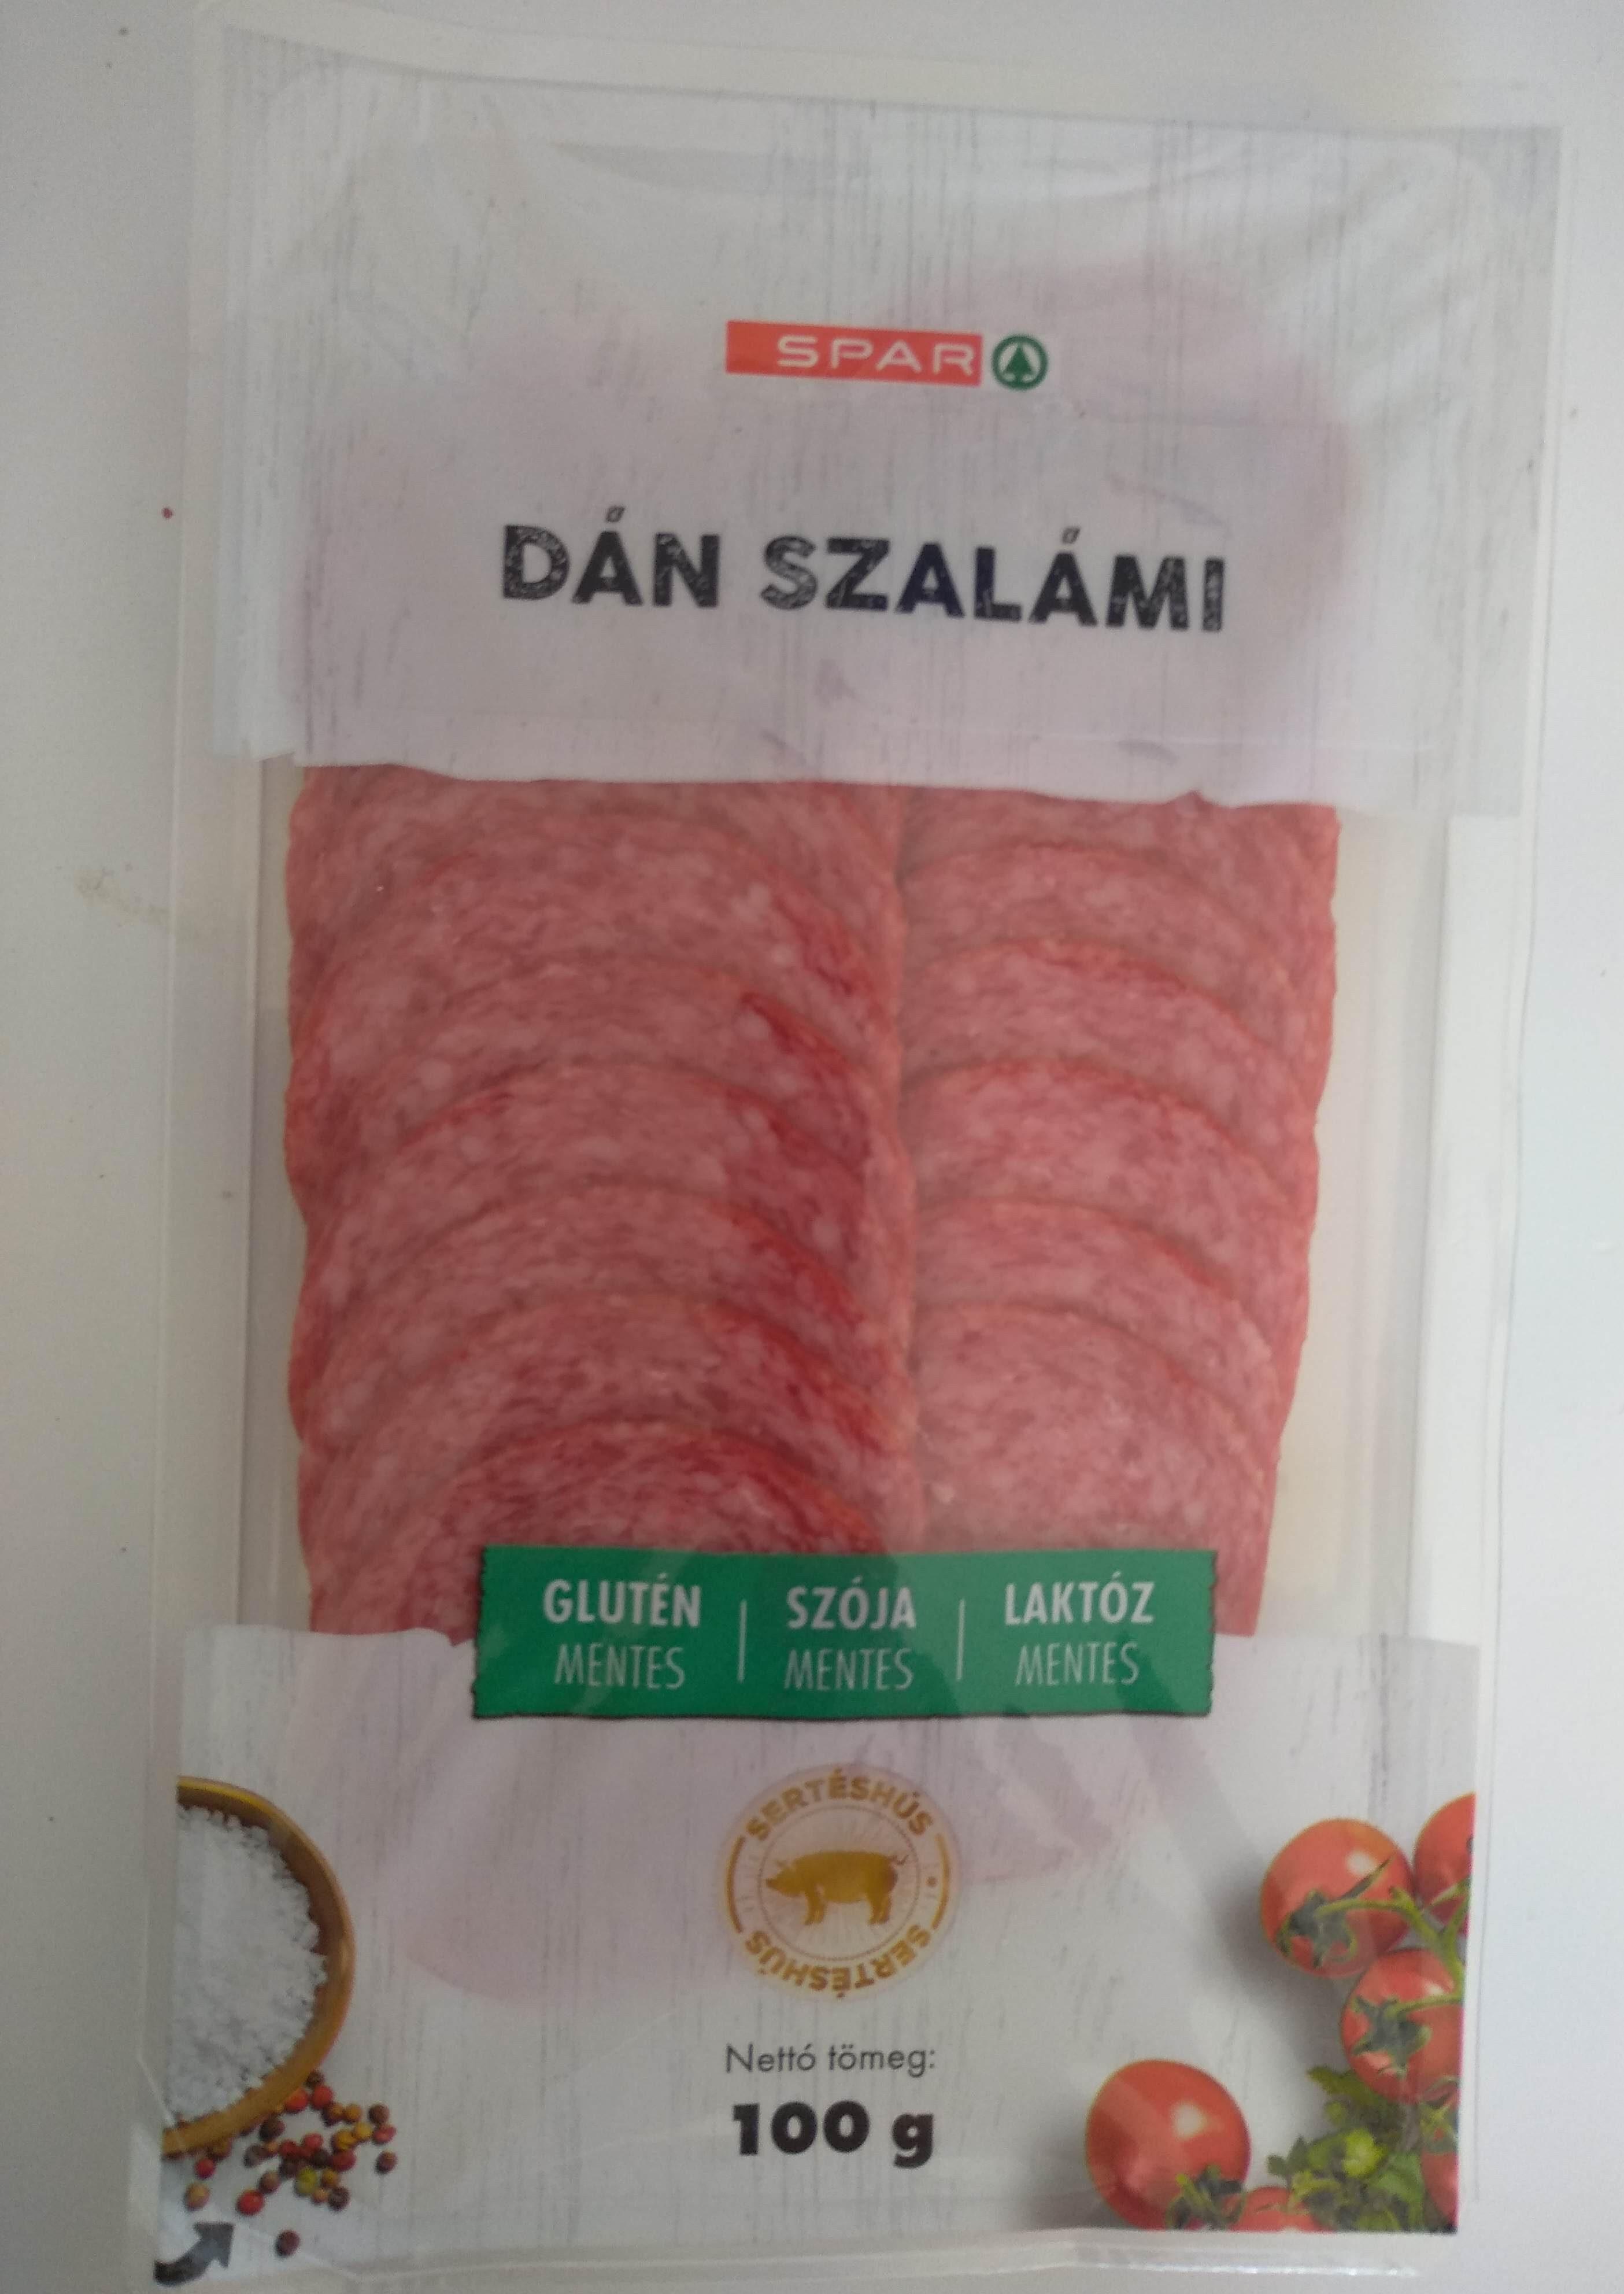 Dán  szalámi - Produit - hu